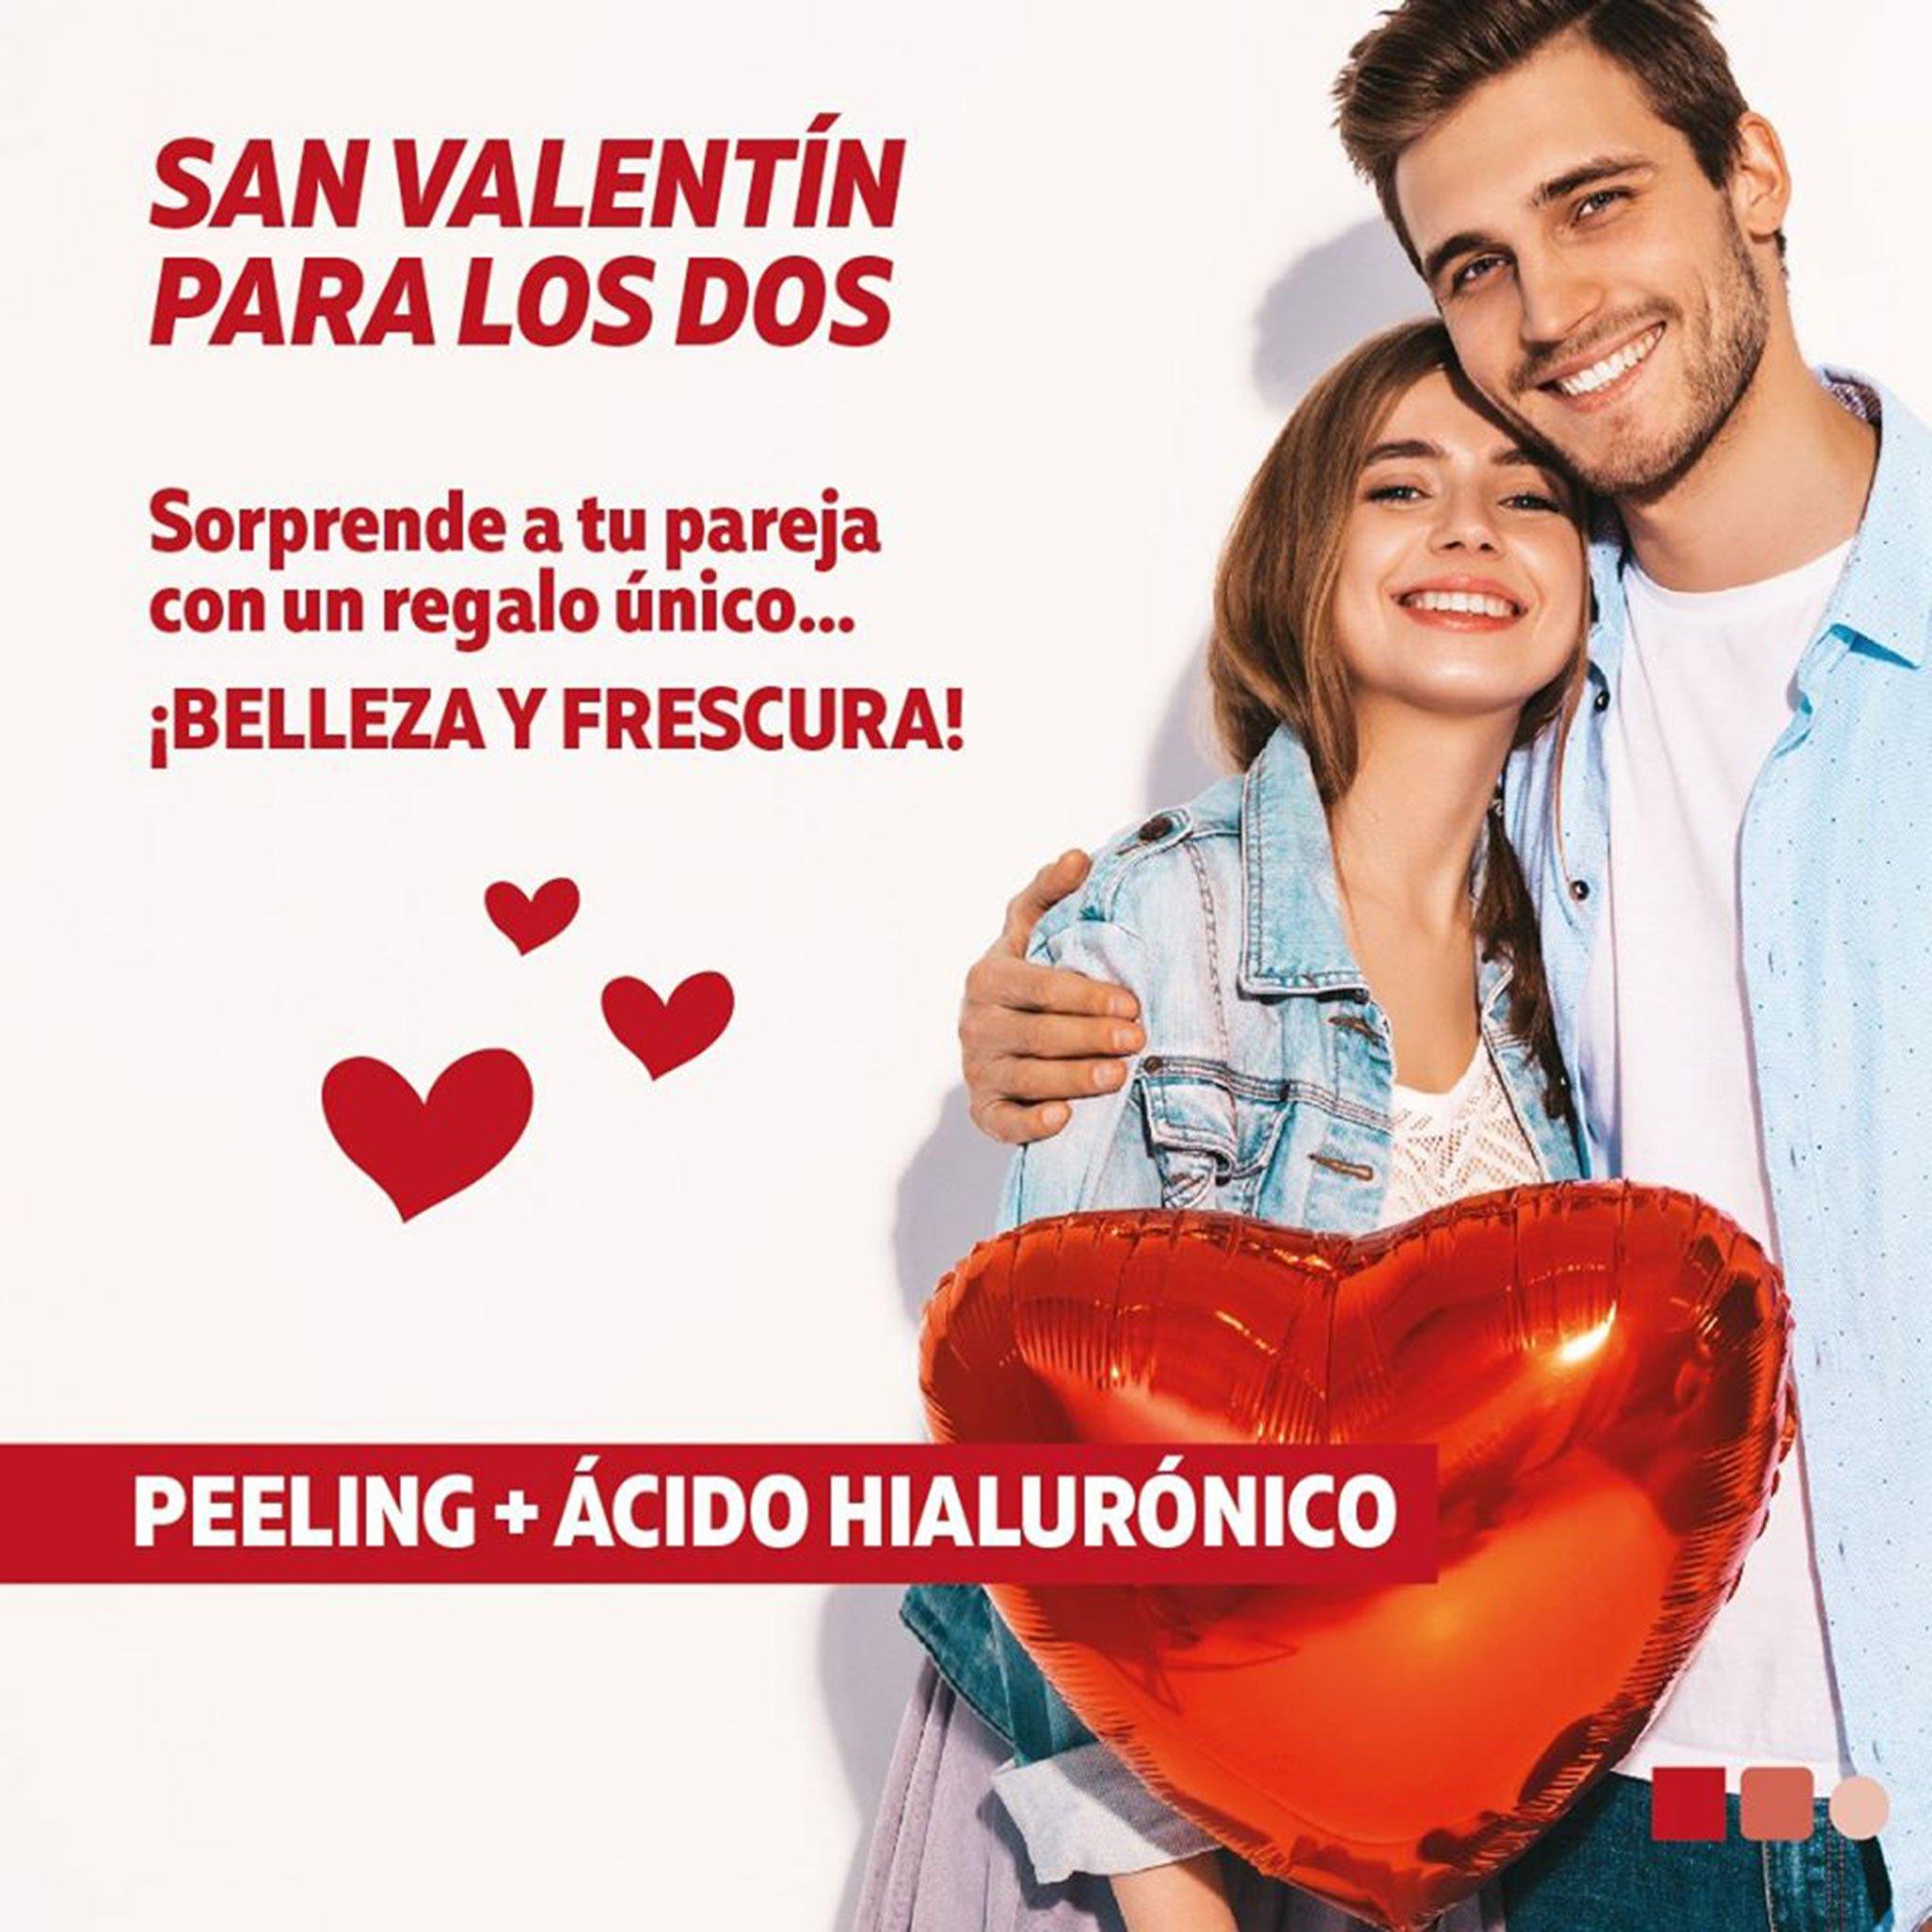 Celebra un San Valentín para los dos con Clínica Estética Castelblanque